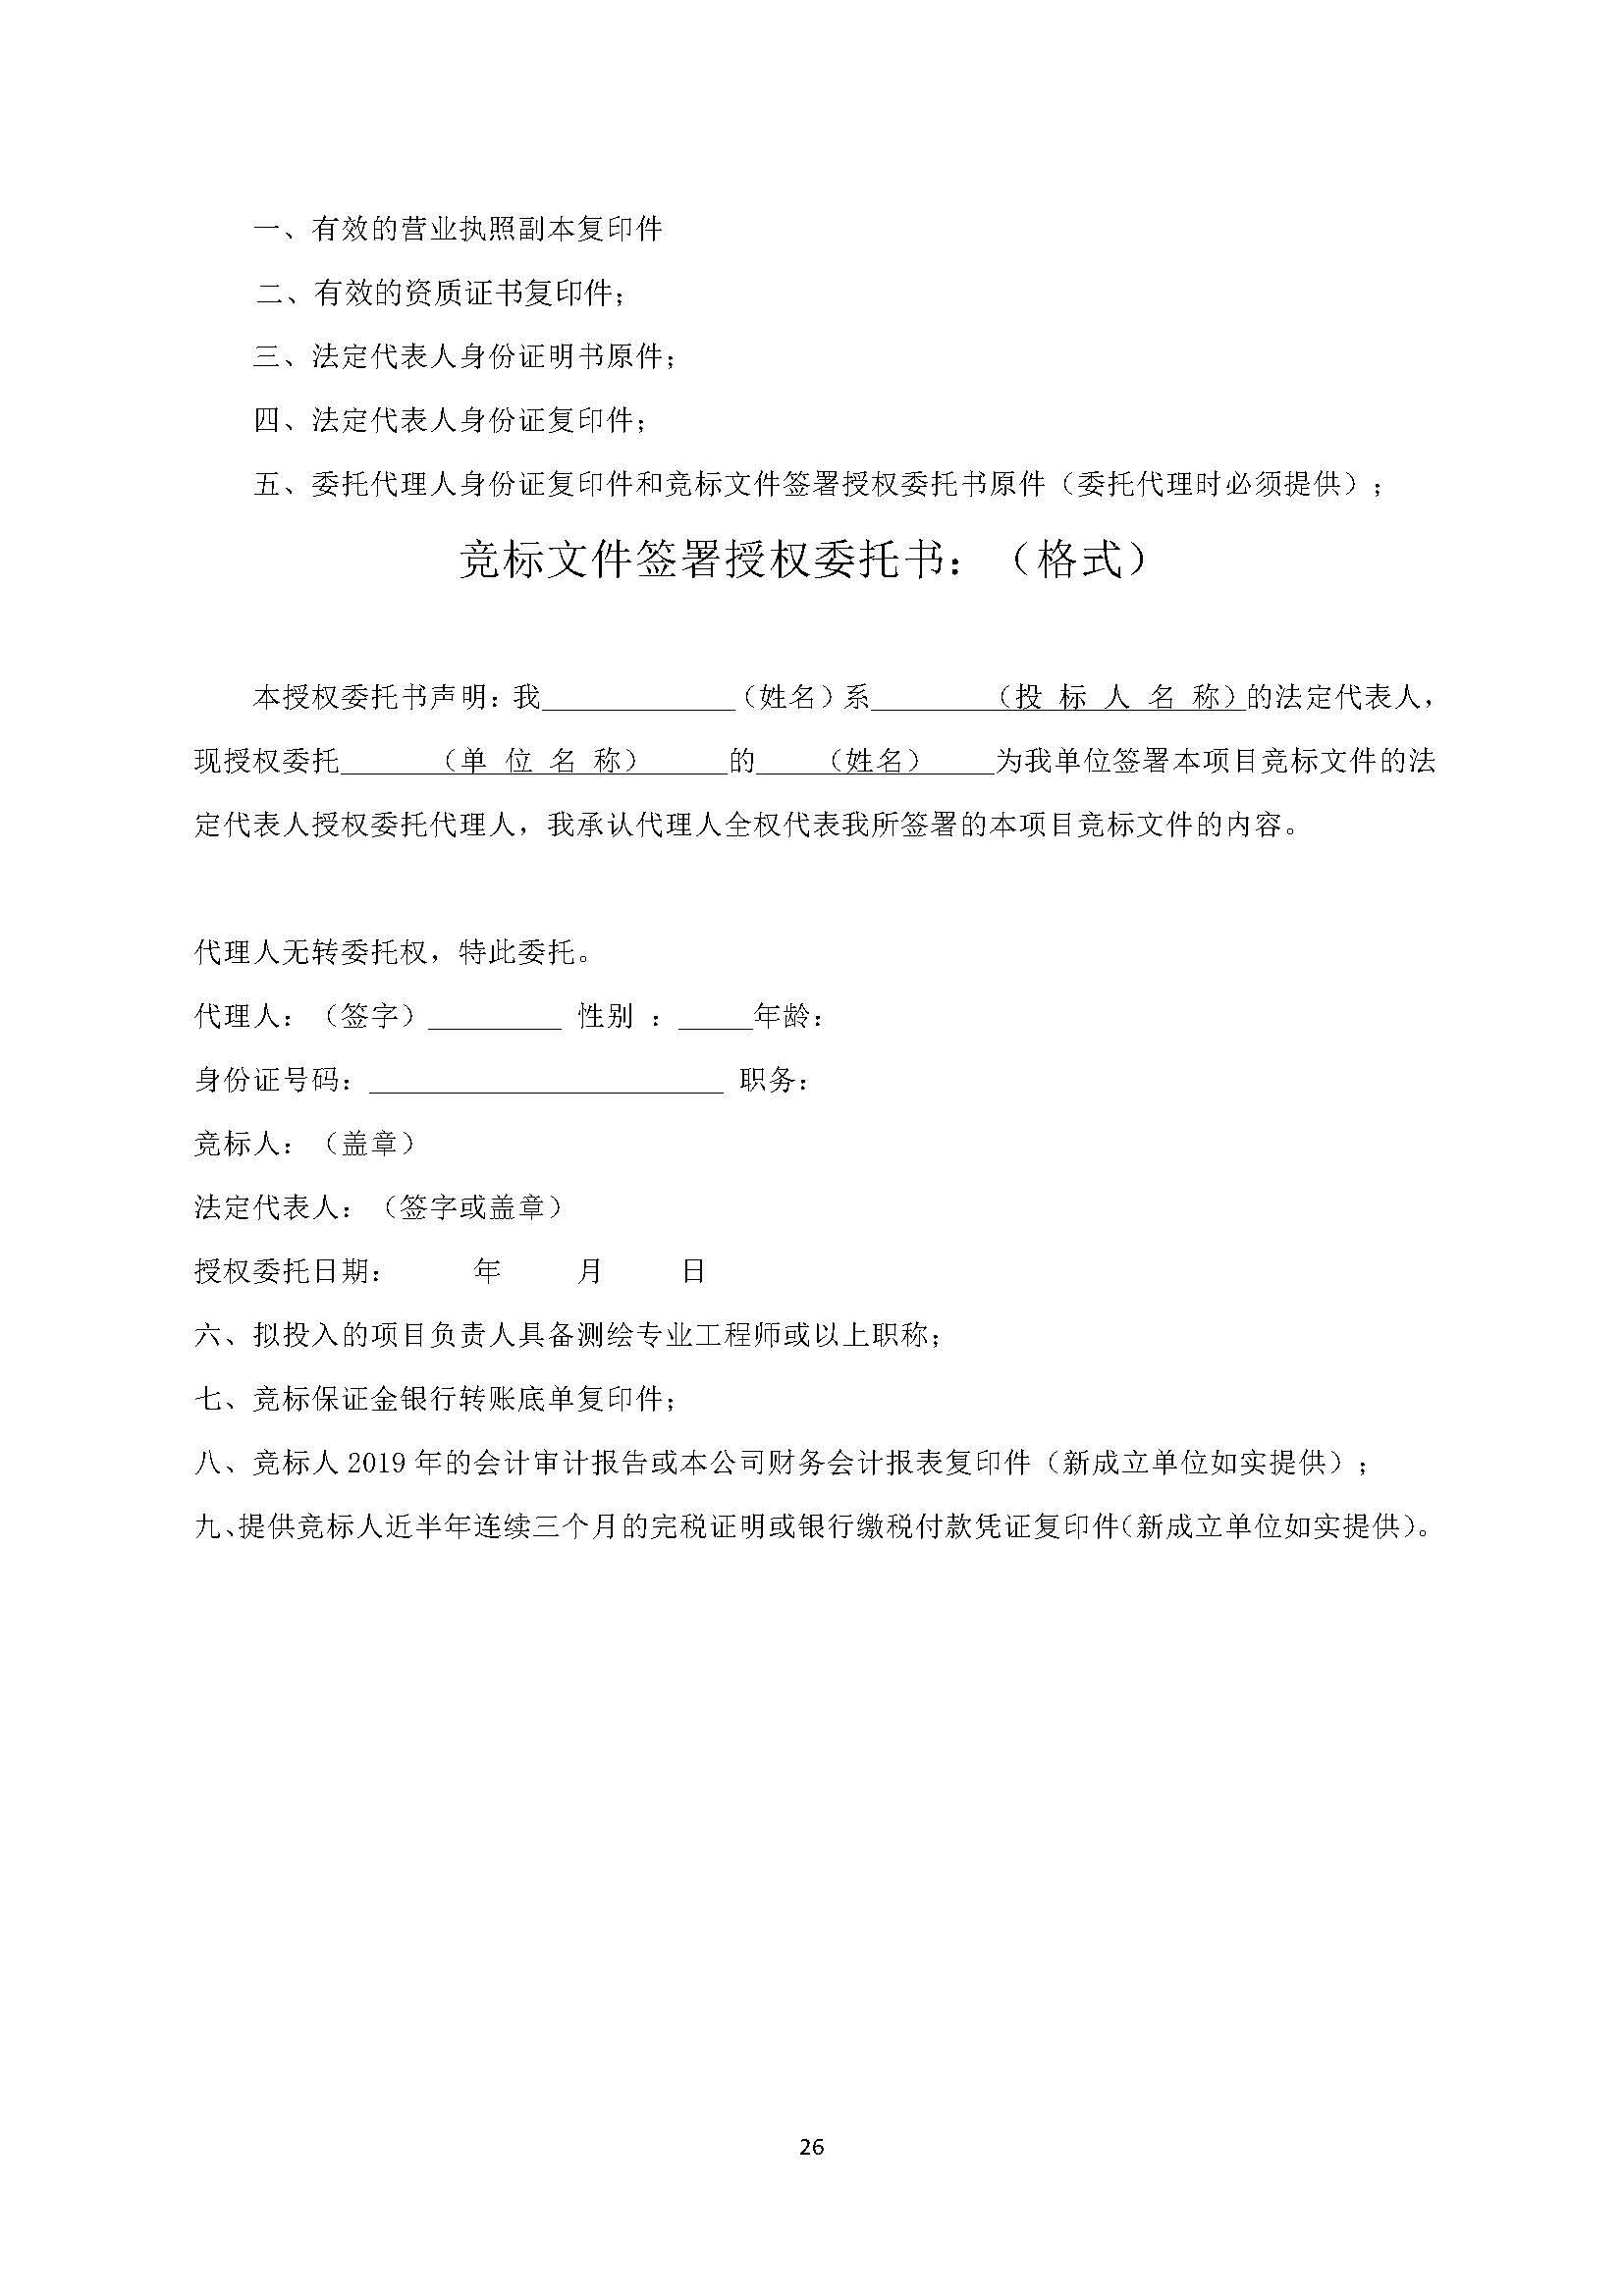 (确定)安徽快三基本走势图市政环卫园林绿化企业一体化面积测绘服务采购 竞争性谈判采购文件20200610(2)_页面_30.jpg